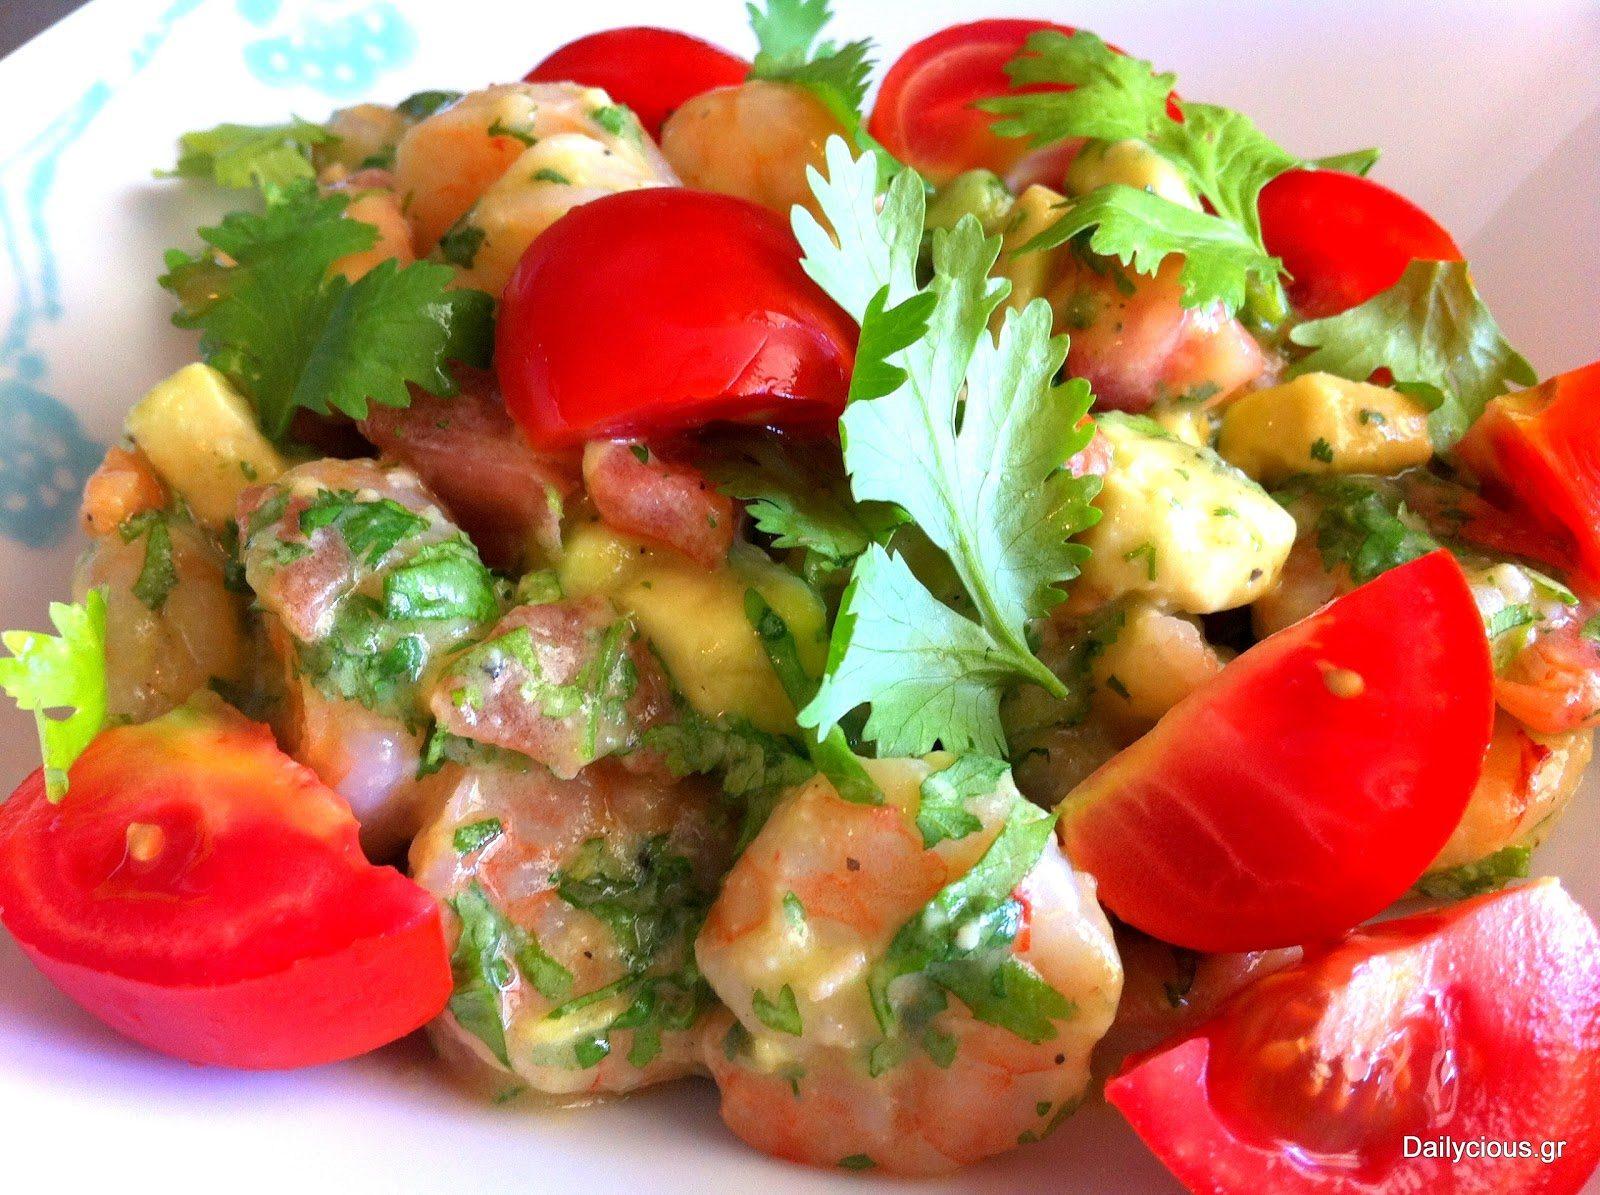 Ταϊλανδέζικη σαλάτα με γαρίδες, αβοκάντο και λάιμ